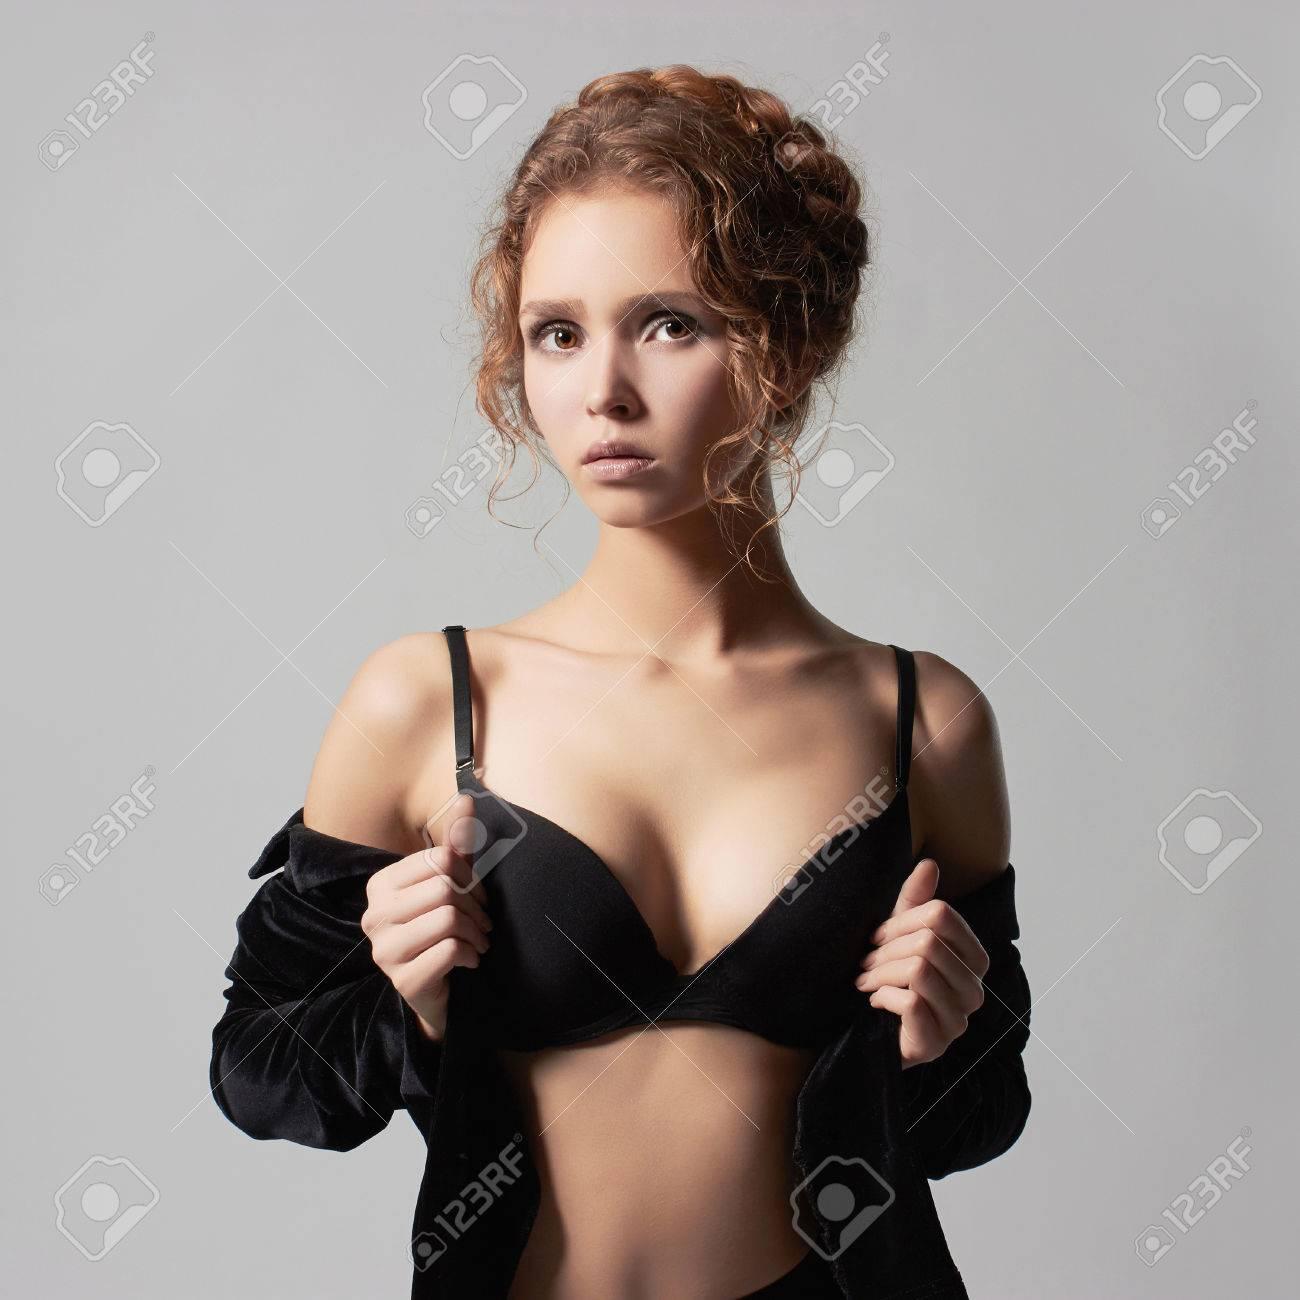 Jeune Belle Jeune Femme Dans Underwear Fashion 18 Ans Girl Trendy Modele Sexy Banque D Images Et Photos Libres De Droits Image 48202639